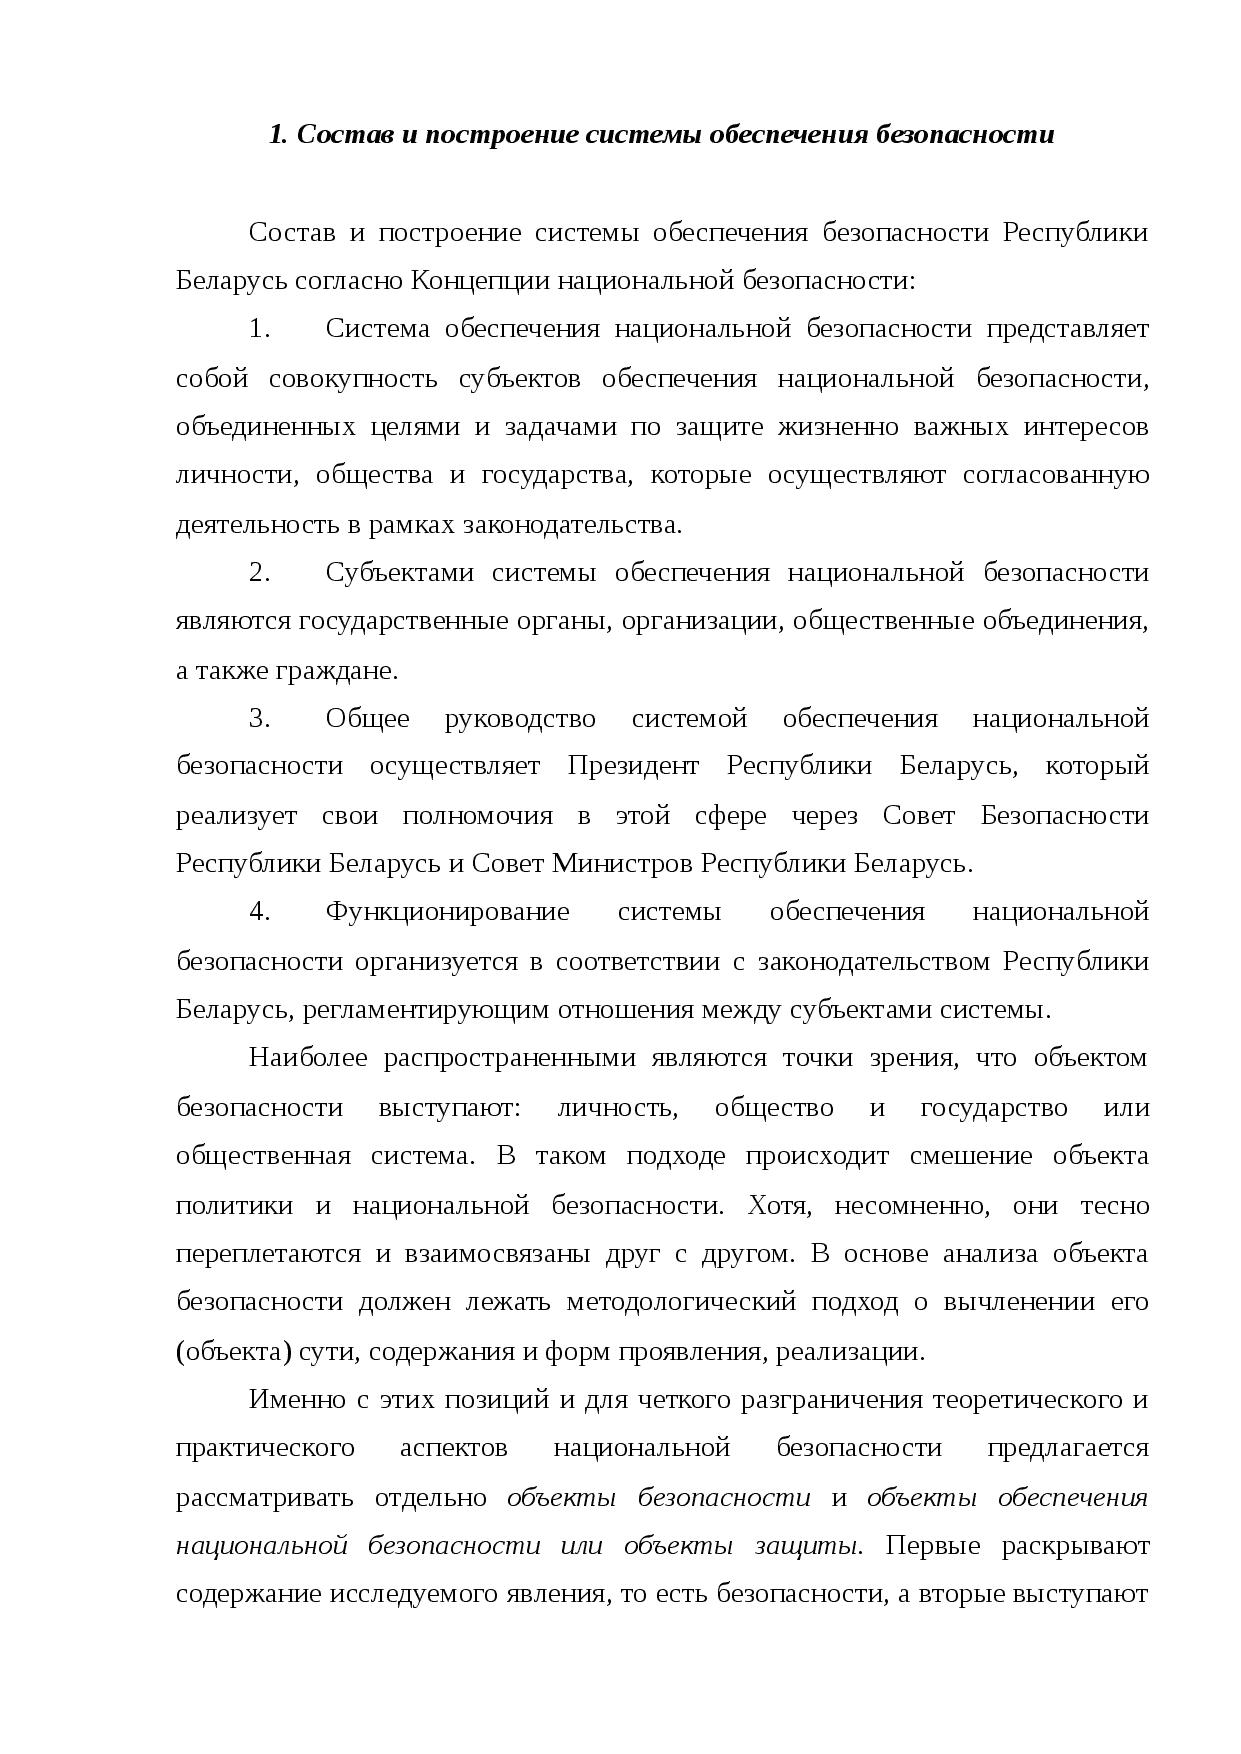 система национальной безопасности рф